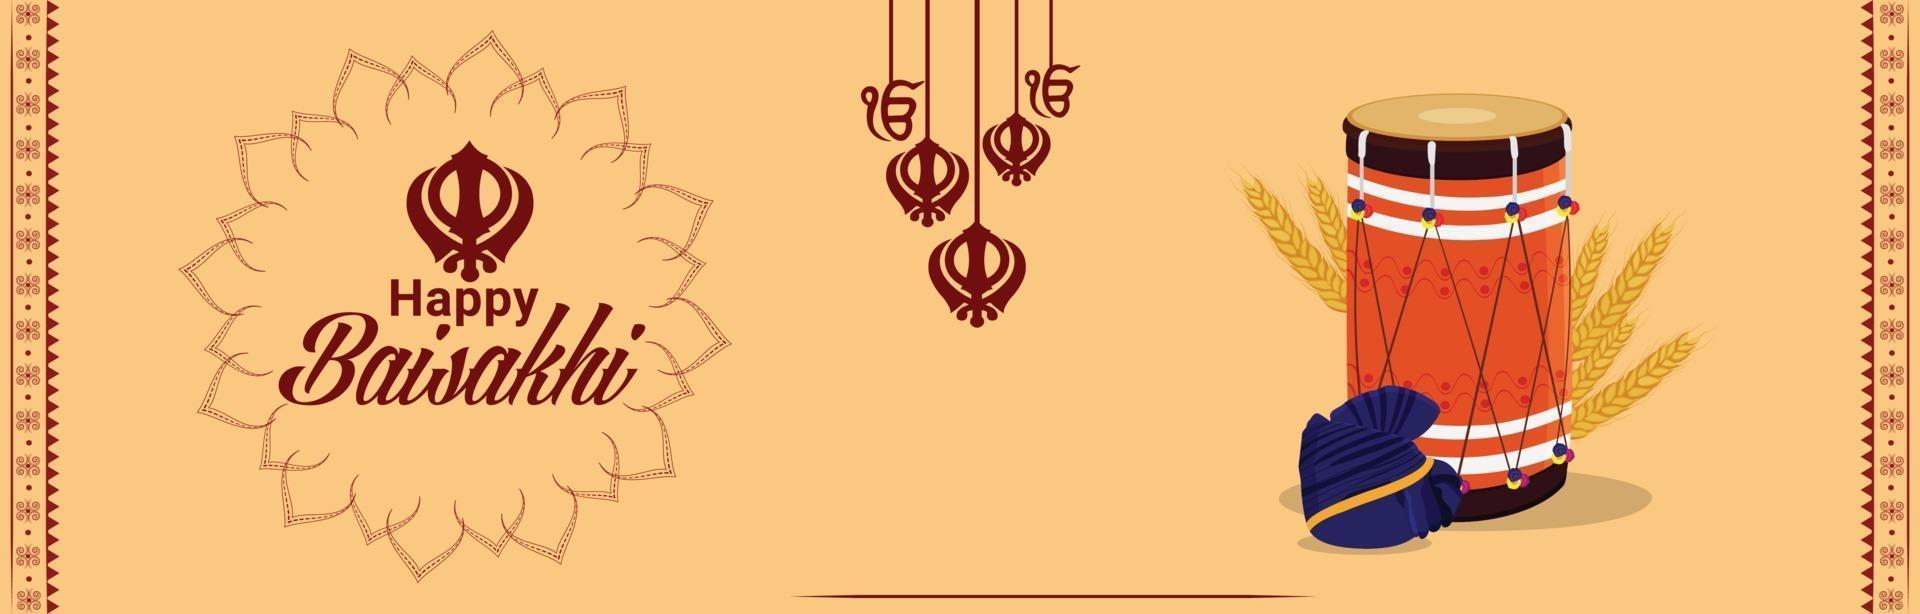 banner di celebrazione del festival sikh indiano vaisakhi vettore